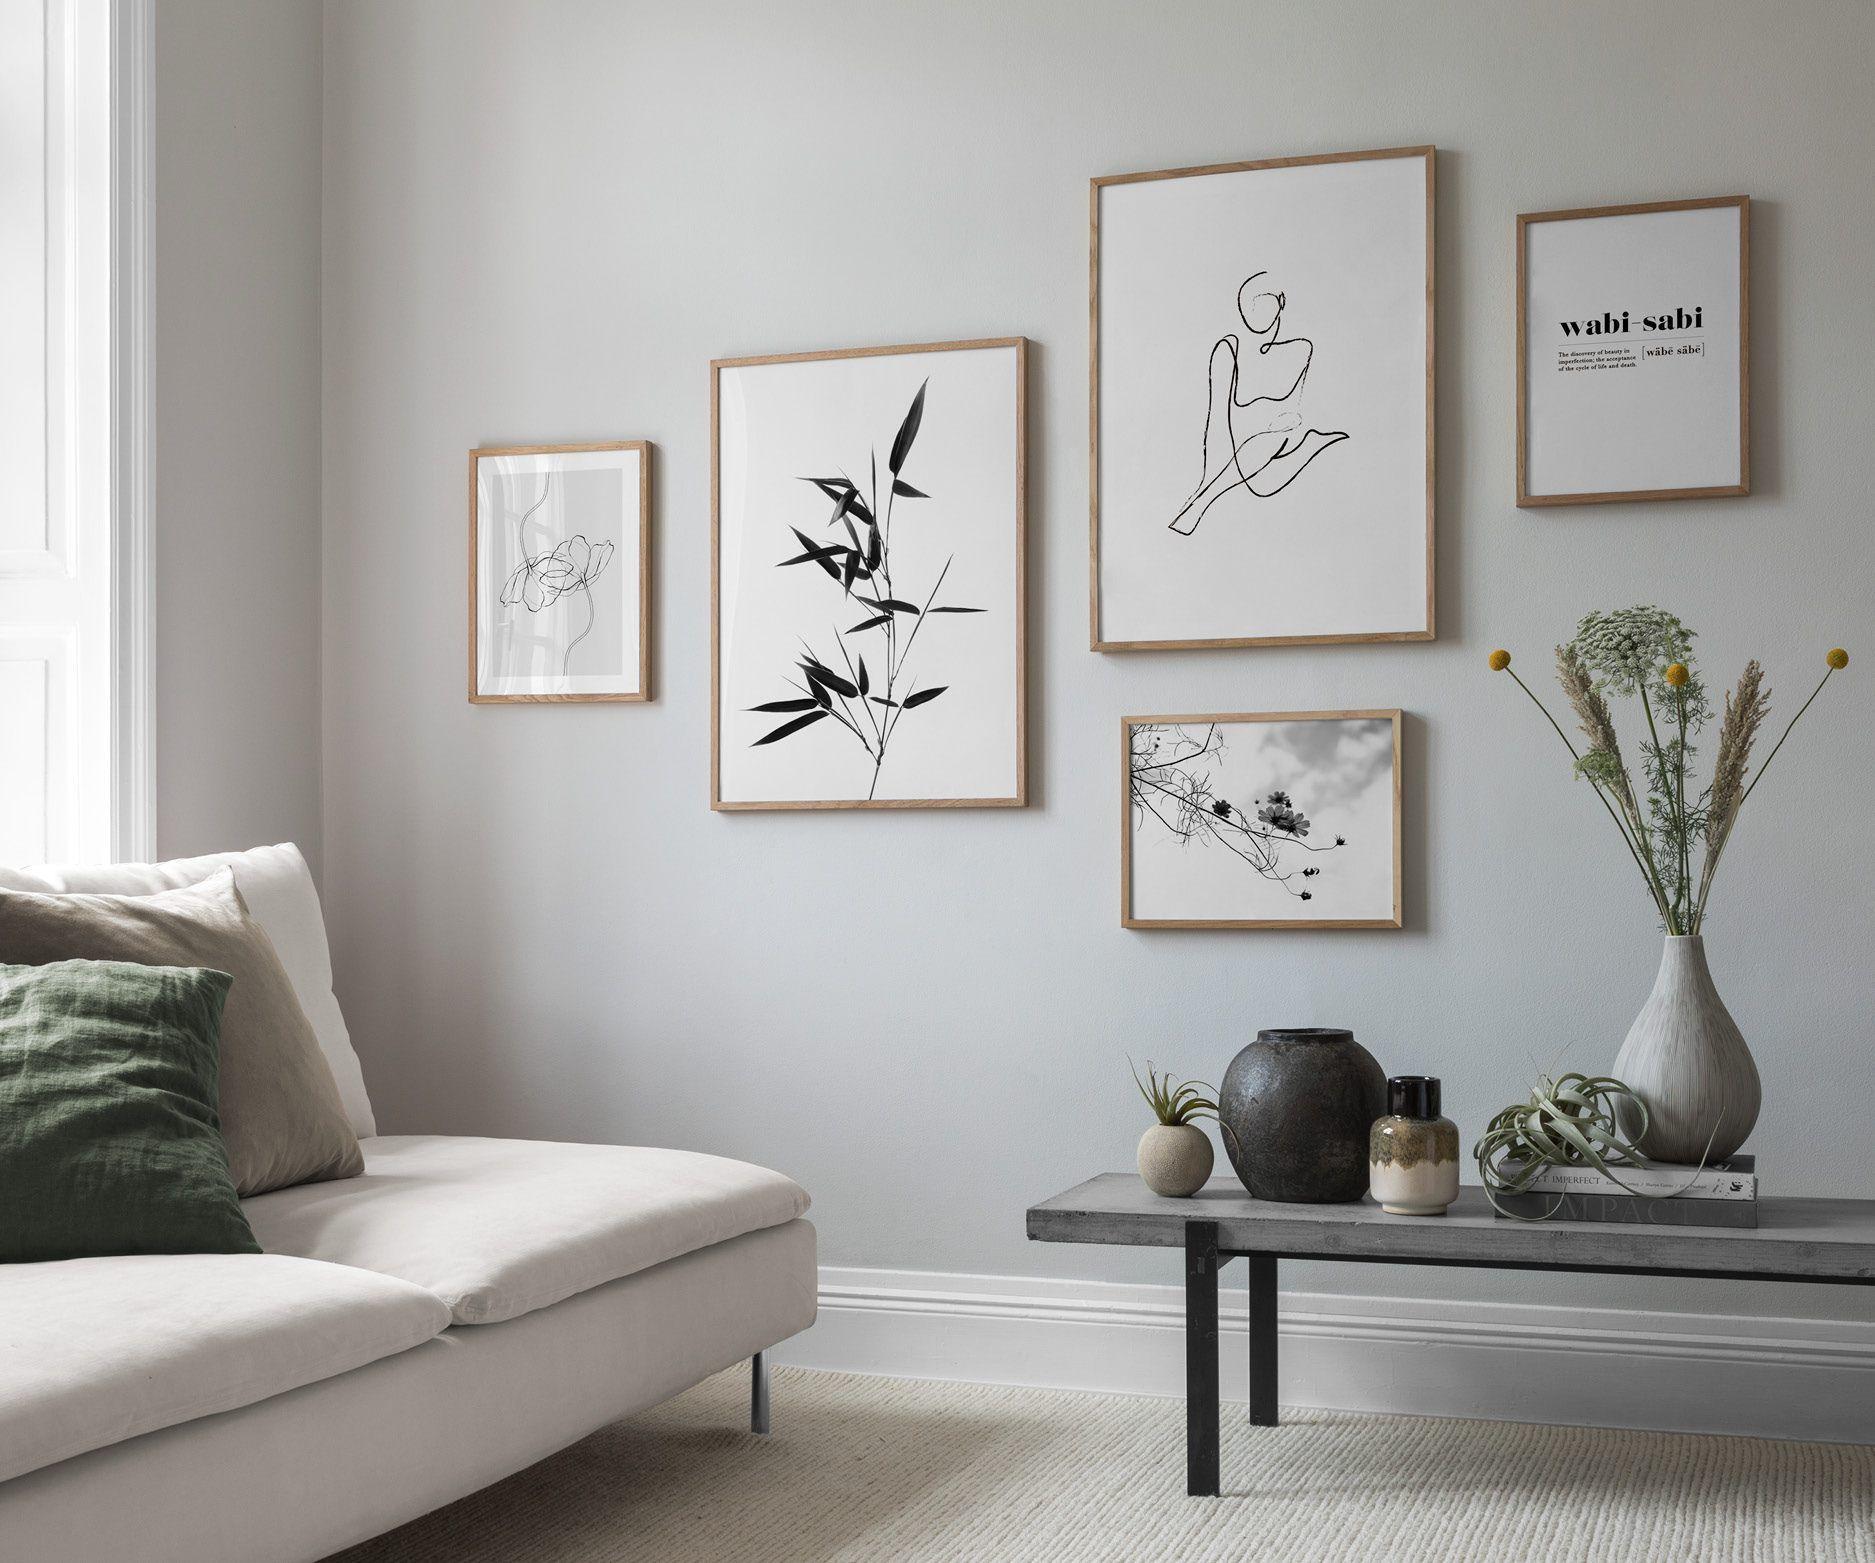 Seite 7 - Inspiration für schöne Wohnzimmer Bilderwand mit Postern | Desenio -  Seite 7 – Inspiration für schöne Wohnzimmer Bilderwand mit Postern | Desenio  - #bilderwand #decorationsejour #desenio #diylivingroomdecor #FÜR #inspiration #mit #postern #schone #Seite #wohnzimmer #deseniobilderwandwohnzimmer